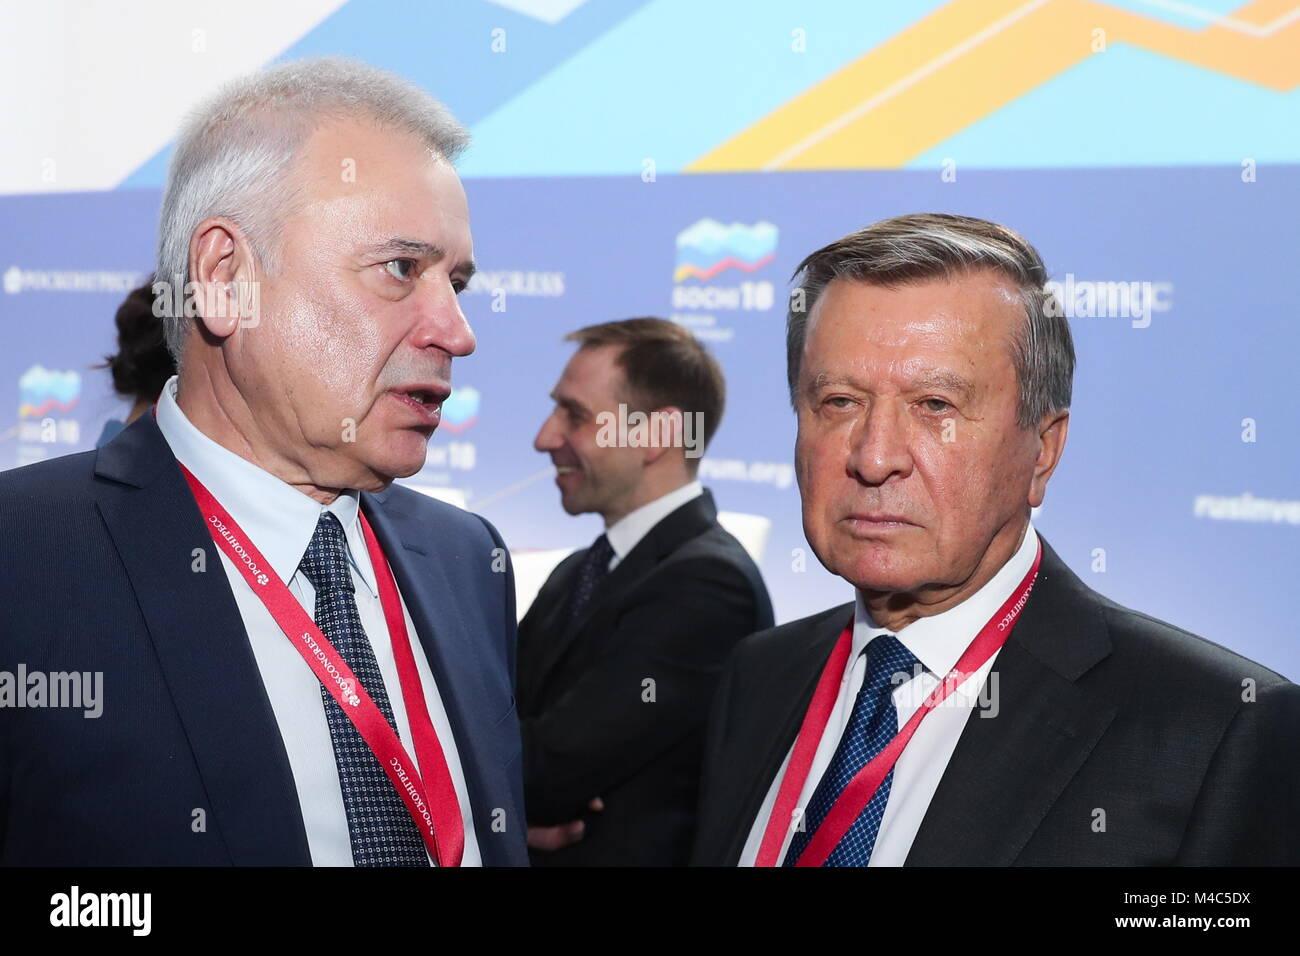 SOCHI, Russland - 15. FEBRUAR 2018: Lukoil Präsident Vagit Alekperow (L) und Gazprom der Verwaltungsrat Vorsitzender Stockfoto